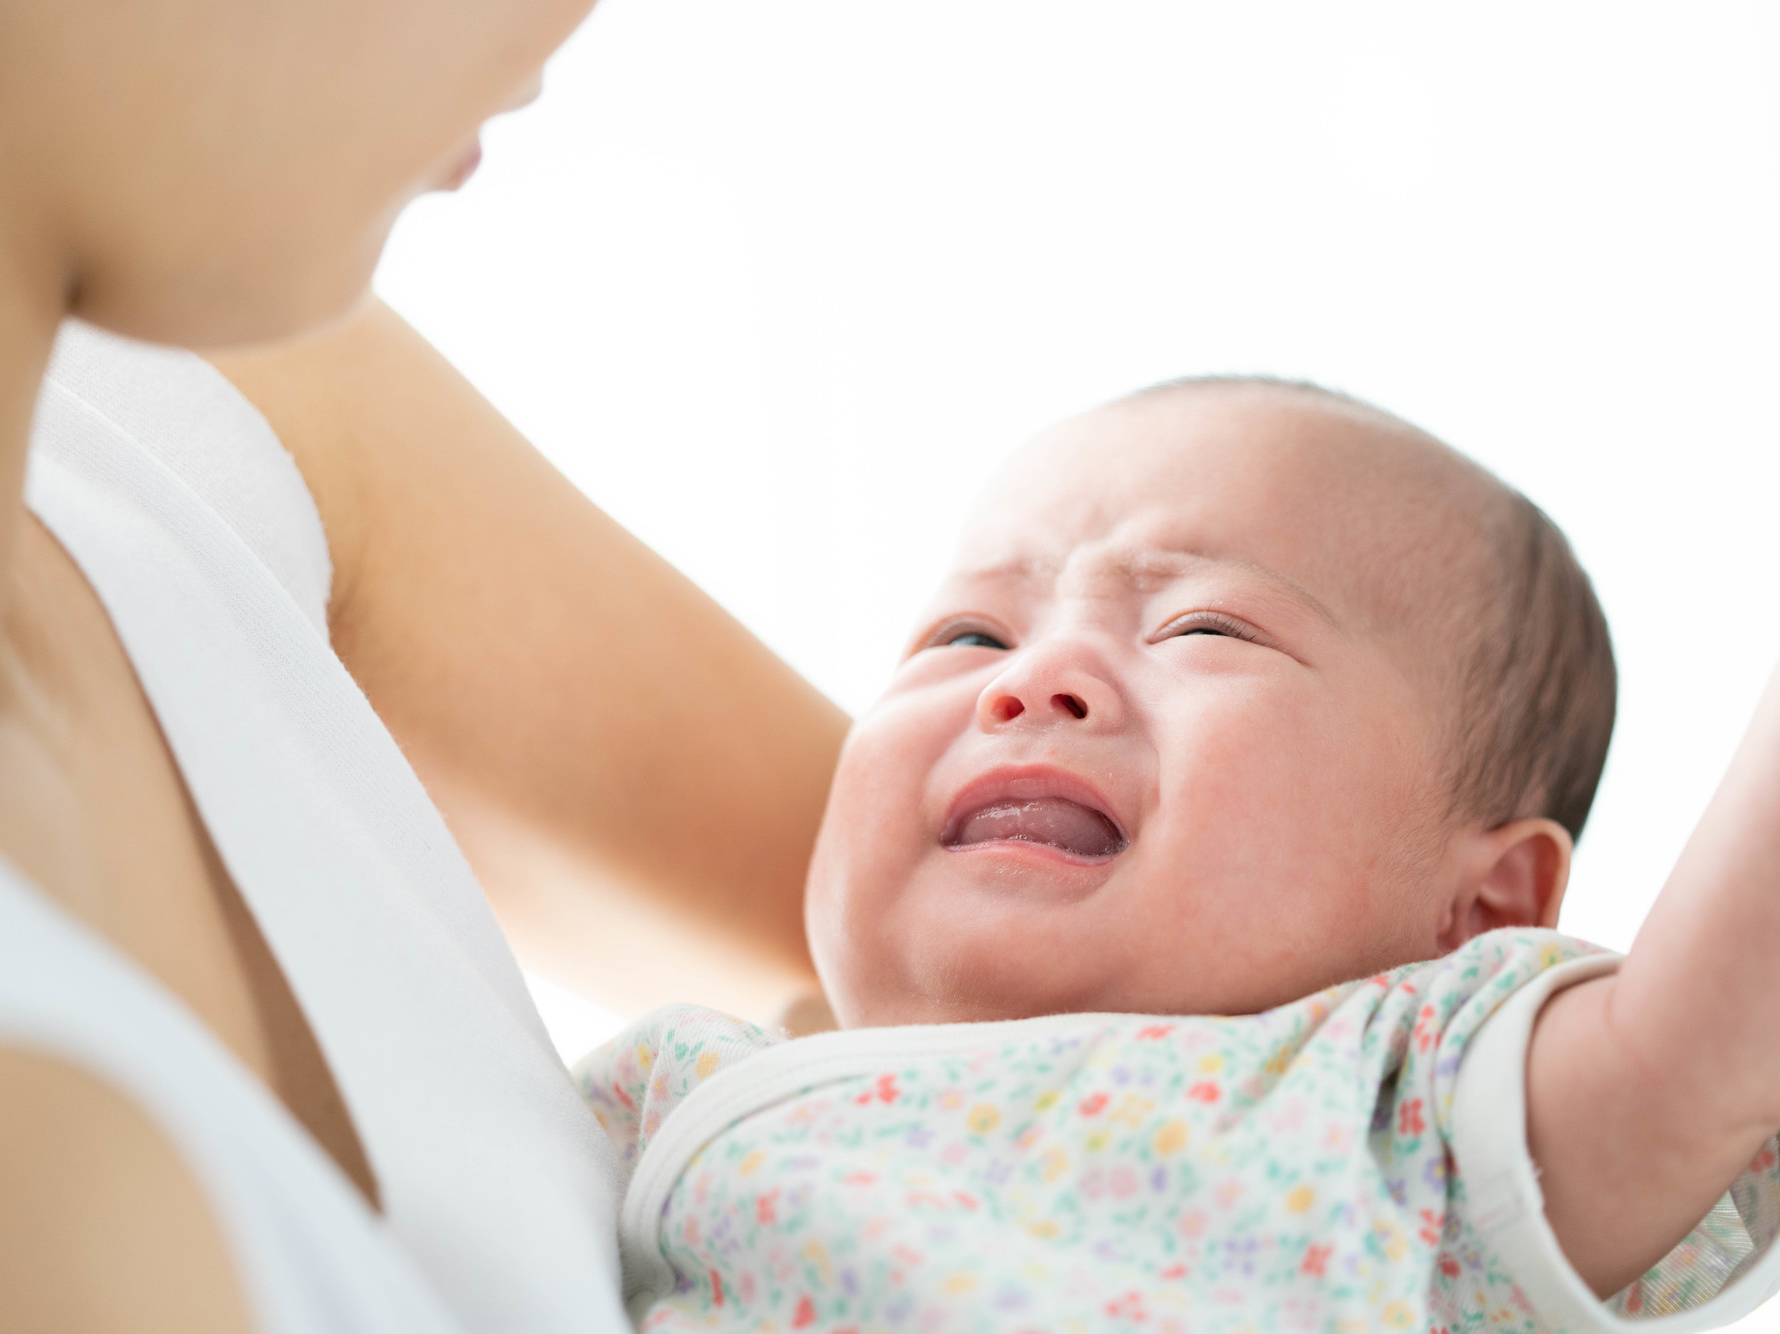 止ま 新生児 ない 泣き